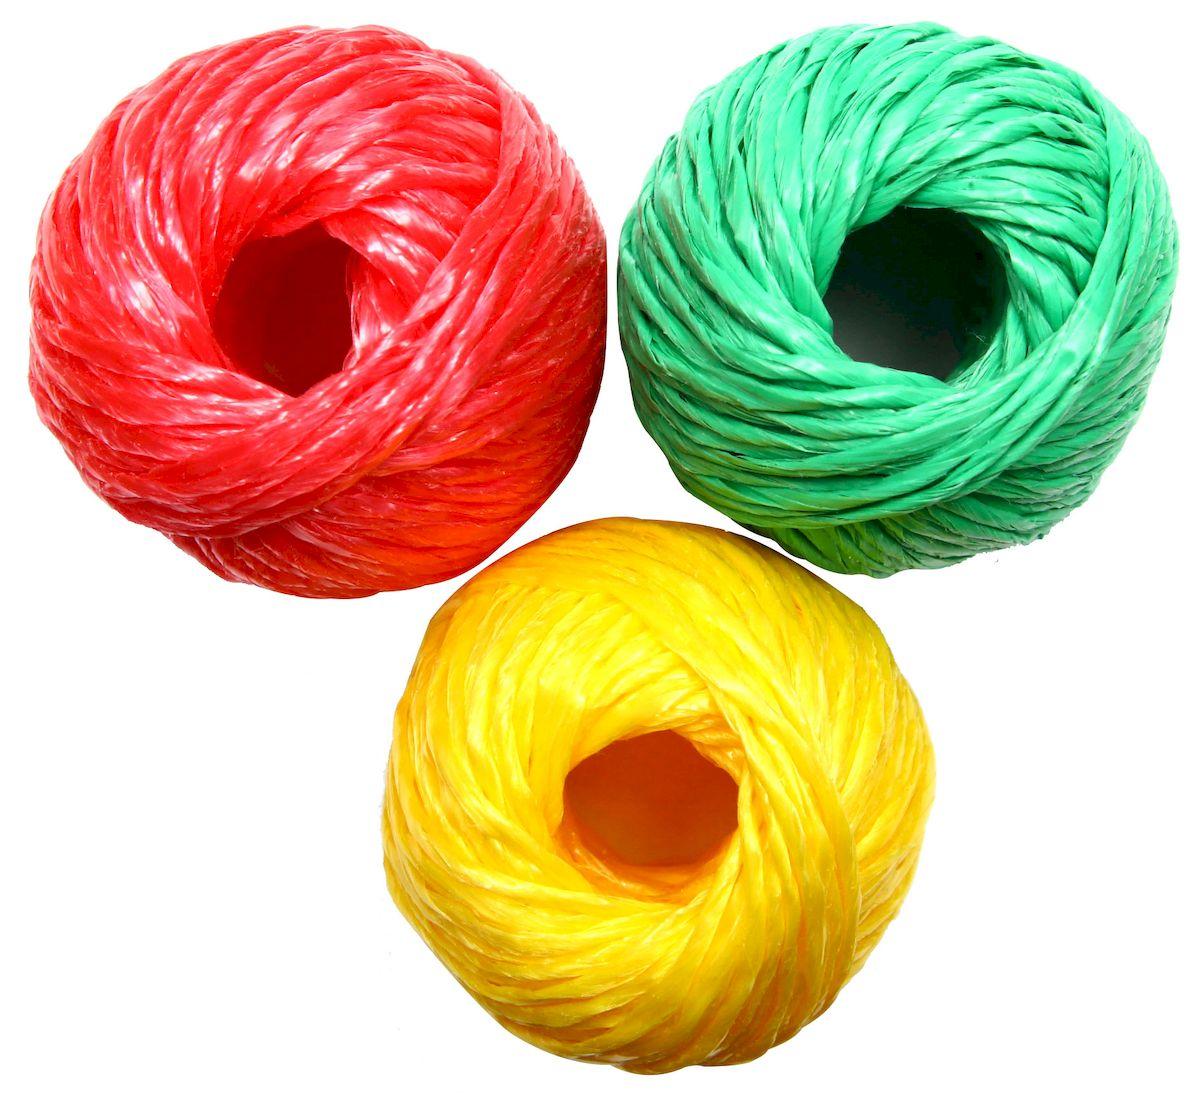 Шпагат Proffi Светофор, 1100 текс 3х30 м, цвет: красный, зеленый, желтыйPH6552Набор из трех цветов: красный, желтый и зеленый. Незаменимый помощник в быту в качестве обвязочного материала и для подвязывания различных с/х культур. Шпагат полипропиленовый обладает большой стойкостью к многоразовым изгибам, устойчивостью к истиранию, на него не влияют органические растворители, невосприимчив к воздействию горячей воды и щелочей, отличный диэлектрик, обладает хорошими теплоизоляционными свойствами. Шпагат полипропиленовый устойчив к воздействию перепадов температур, не подвержен гниению. Шпагат из полипропилена является экологически чистым видом упаковки.